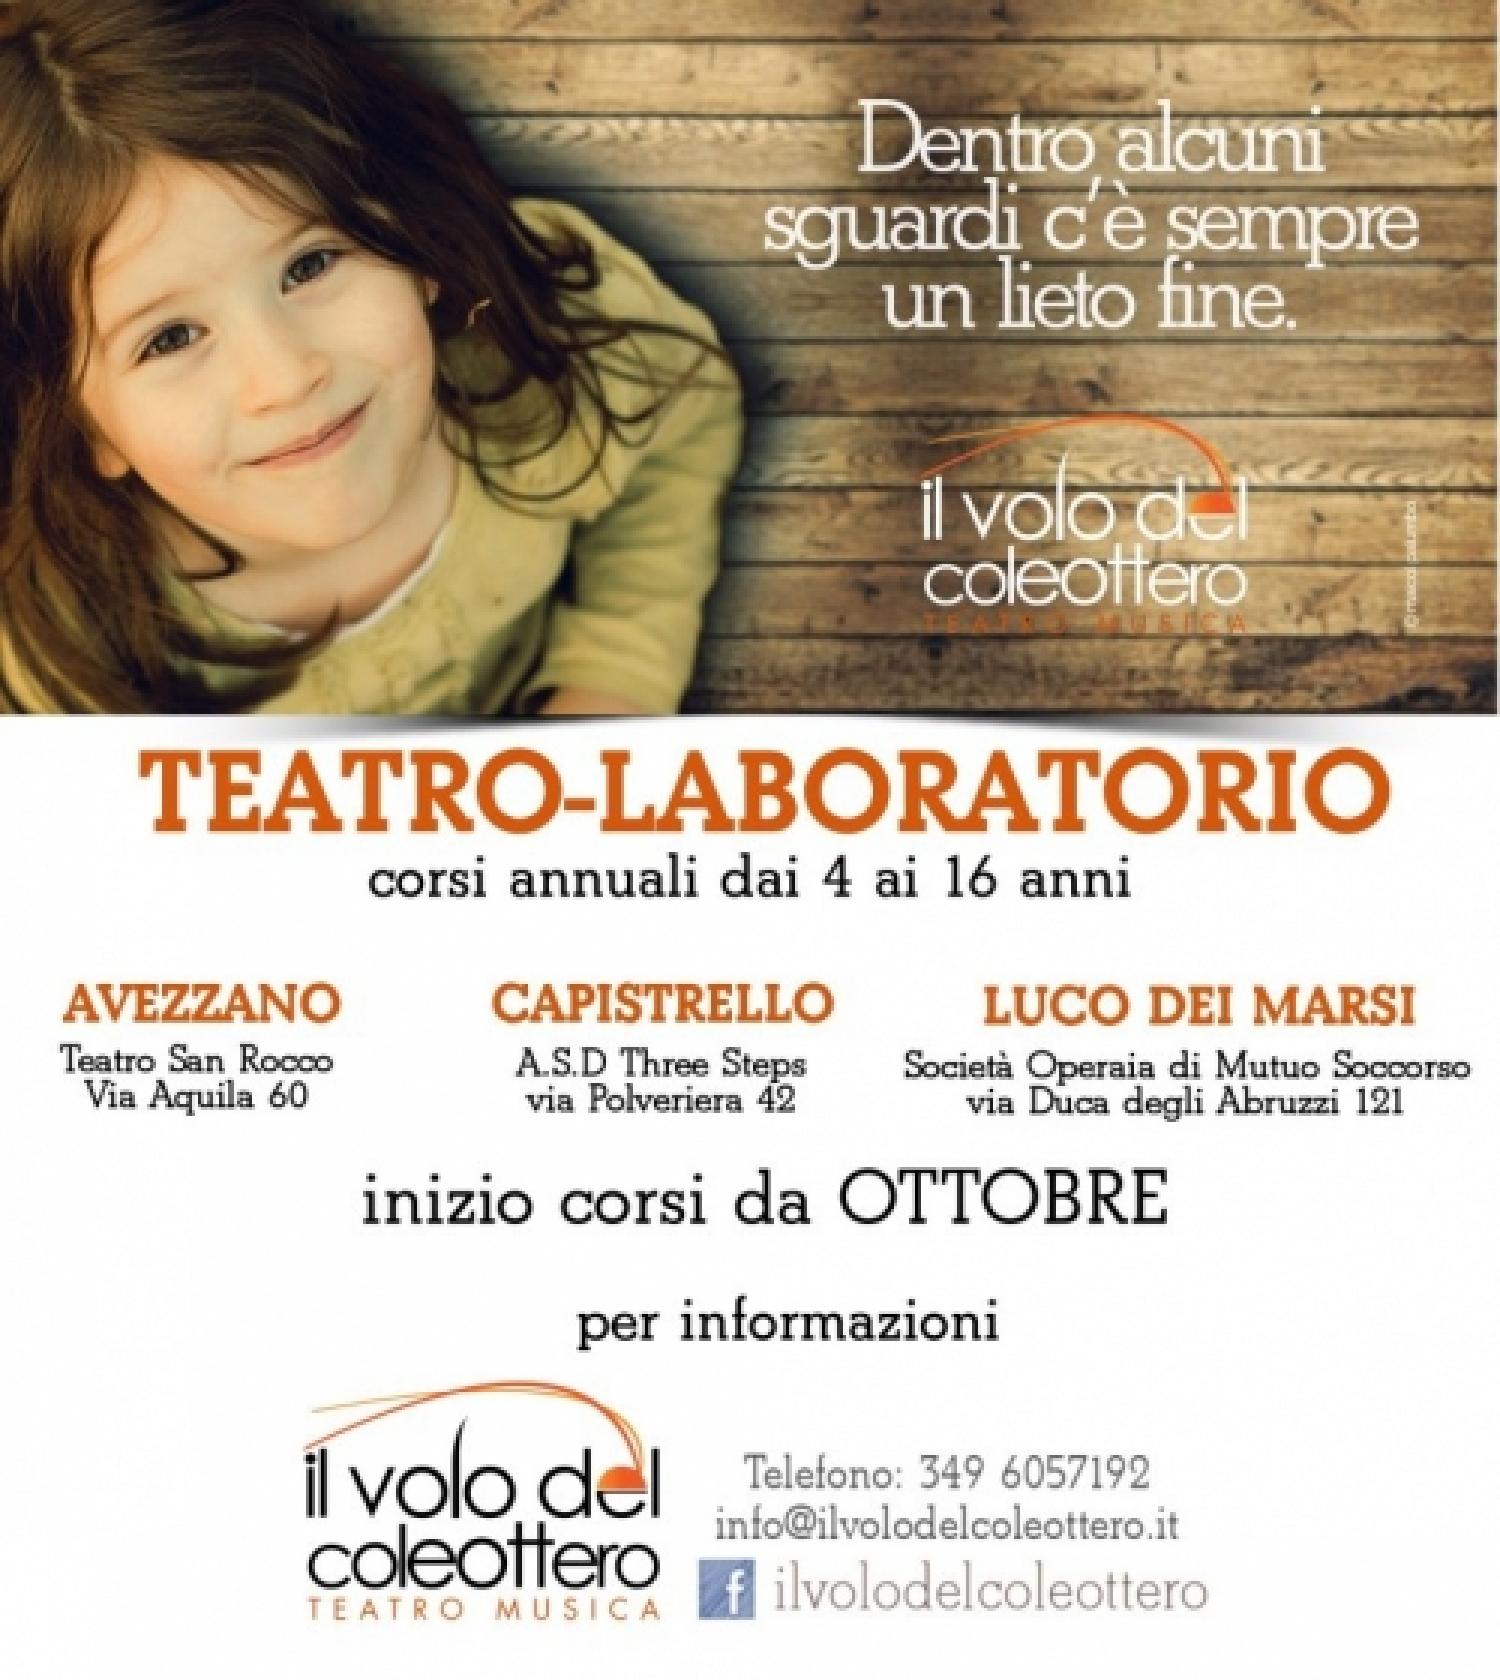 Teatro-Laboratorio (1).jpg